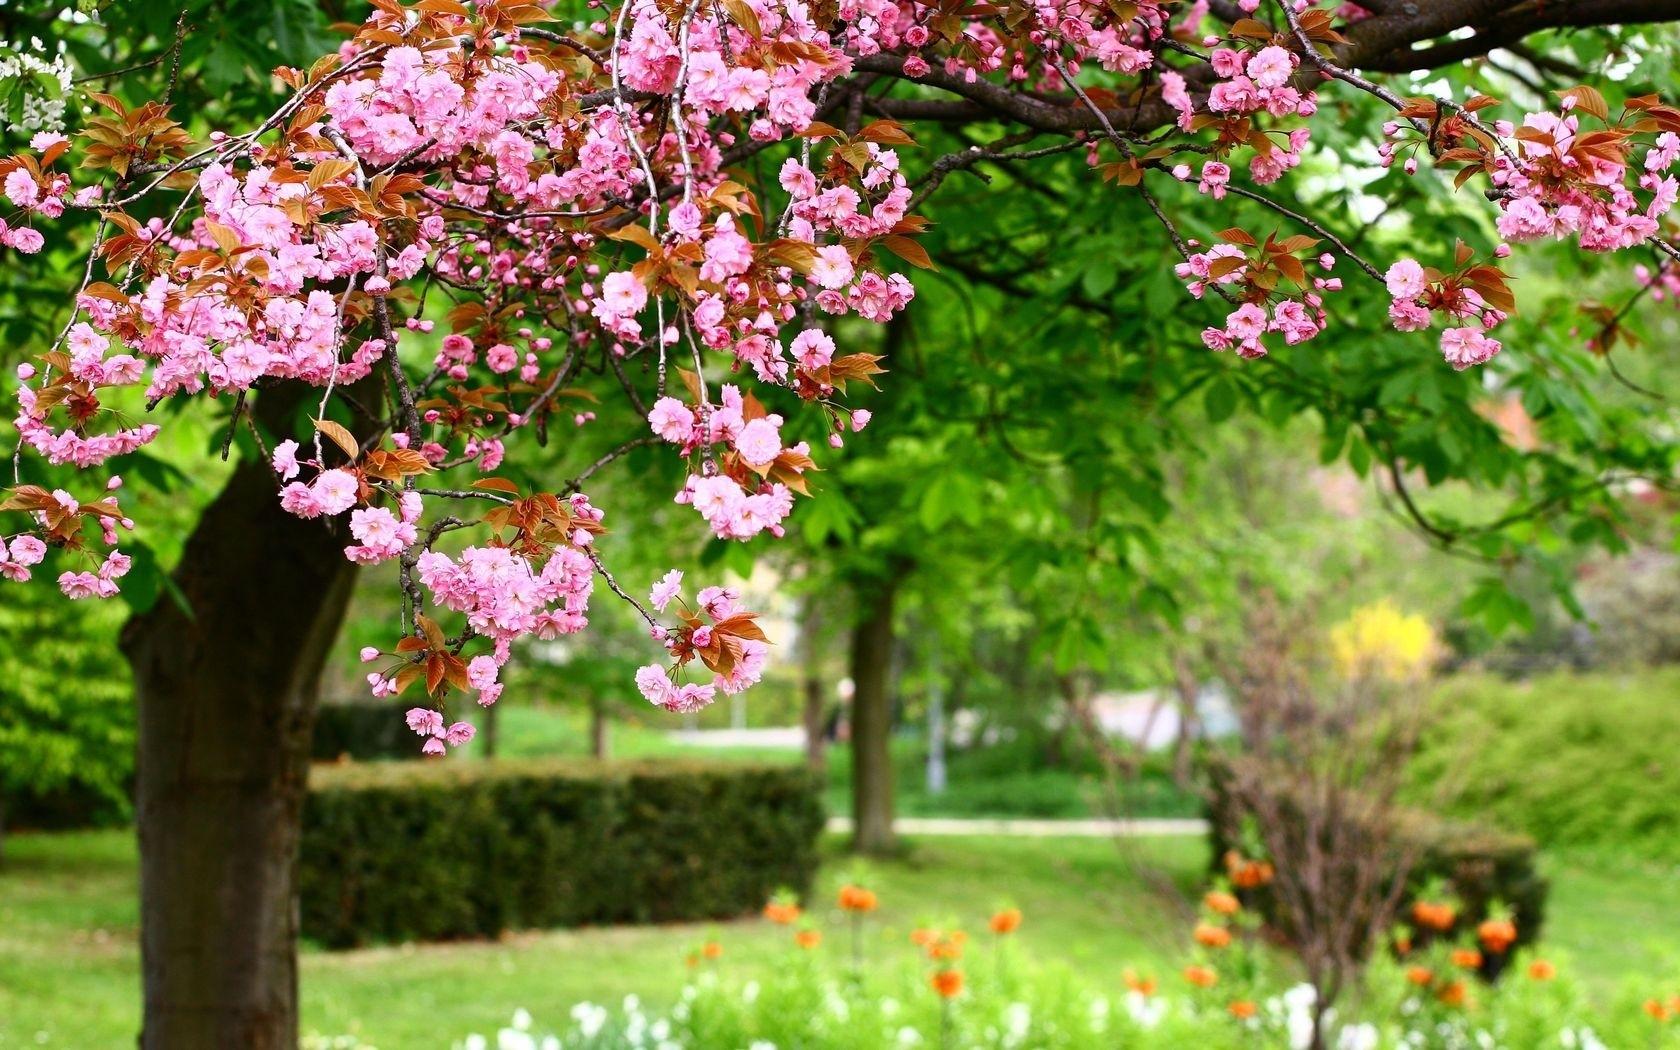 23514 Заставки и Обои Сакура на телефон. Скачать Сакура, Растения, Цветы, Деревья картинки бесплатно